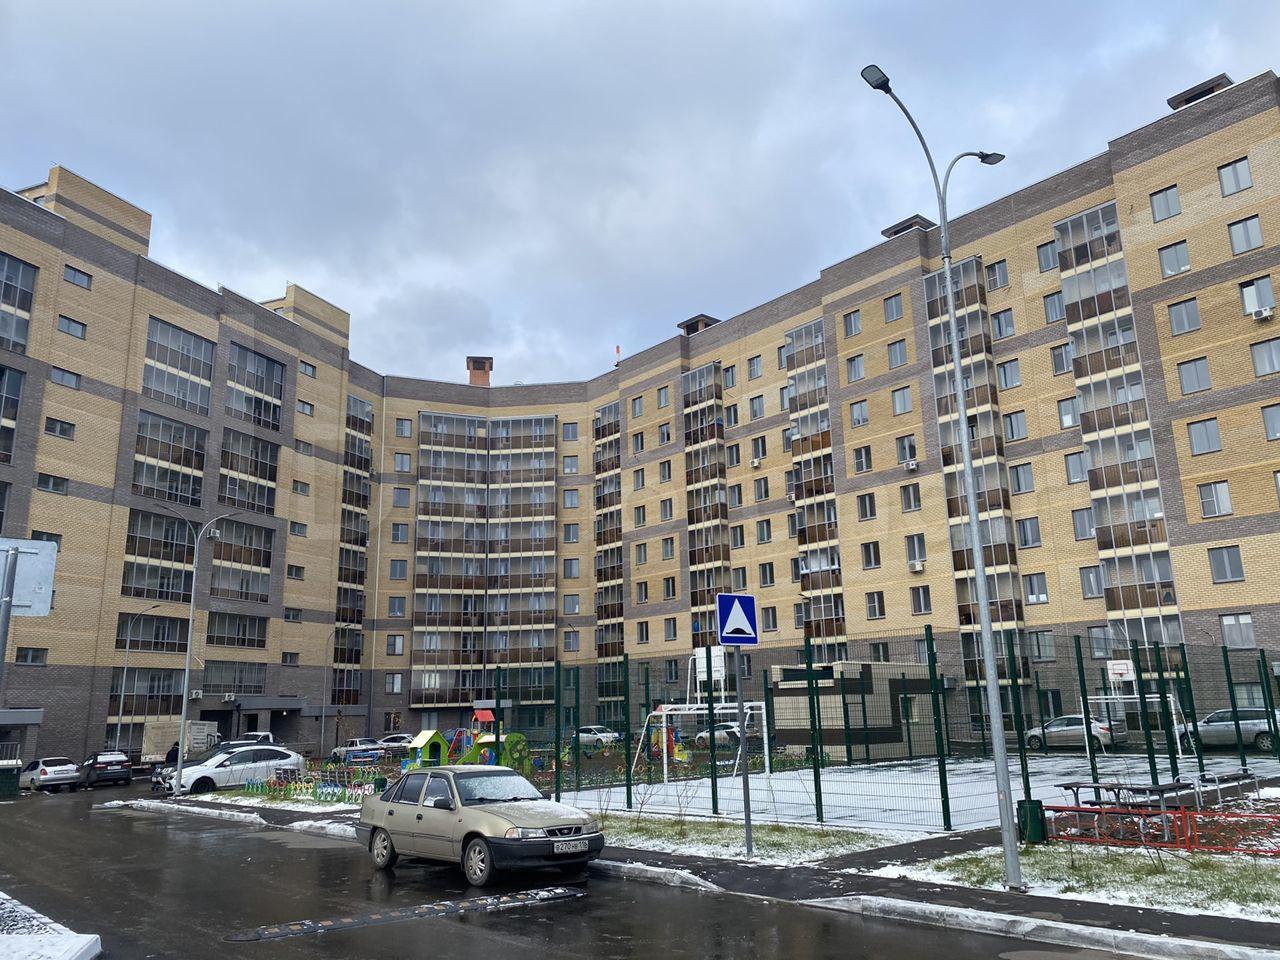 Квартира 1-комн. квартира, 39 м², 9/10 эт. Казань